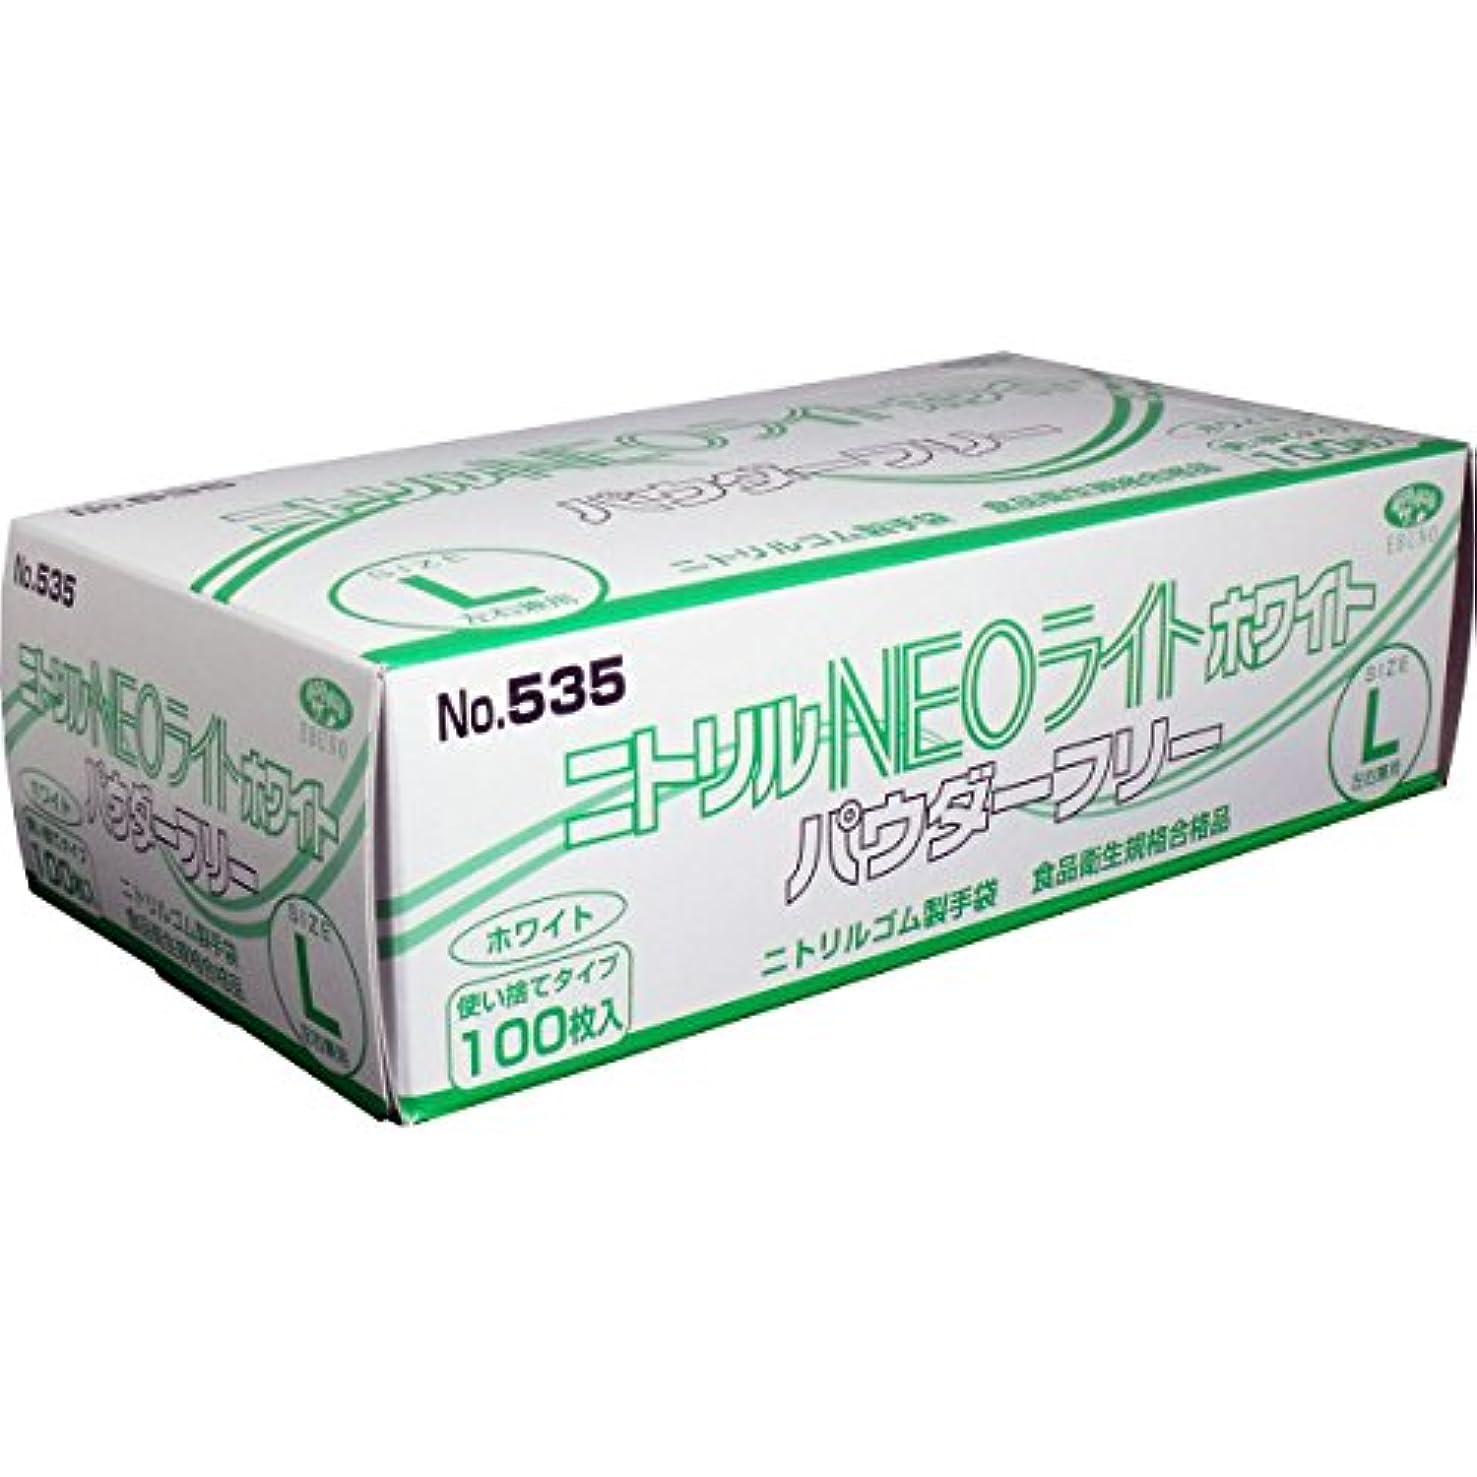 とげつぼみ蓄積するニトリル手袋 NEOライト パウダーフリー ホワイト Lサイズ 100枚入 ×10個セット